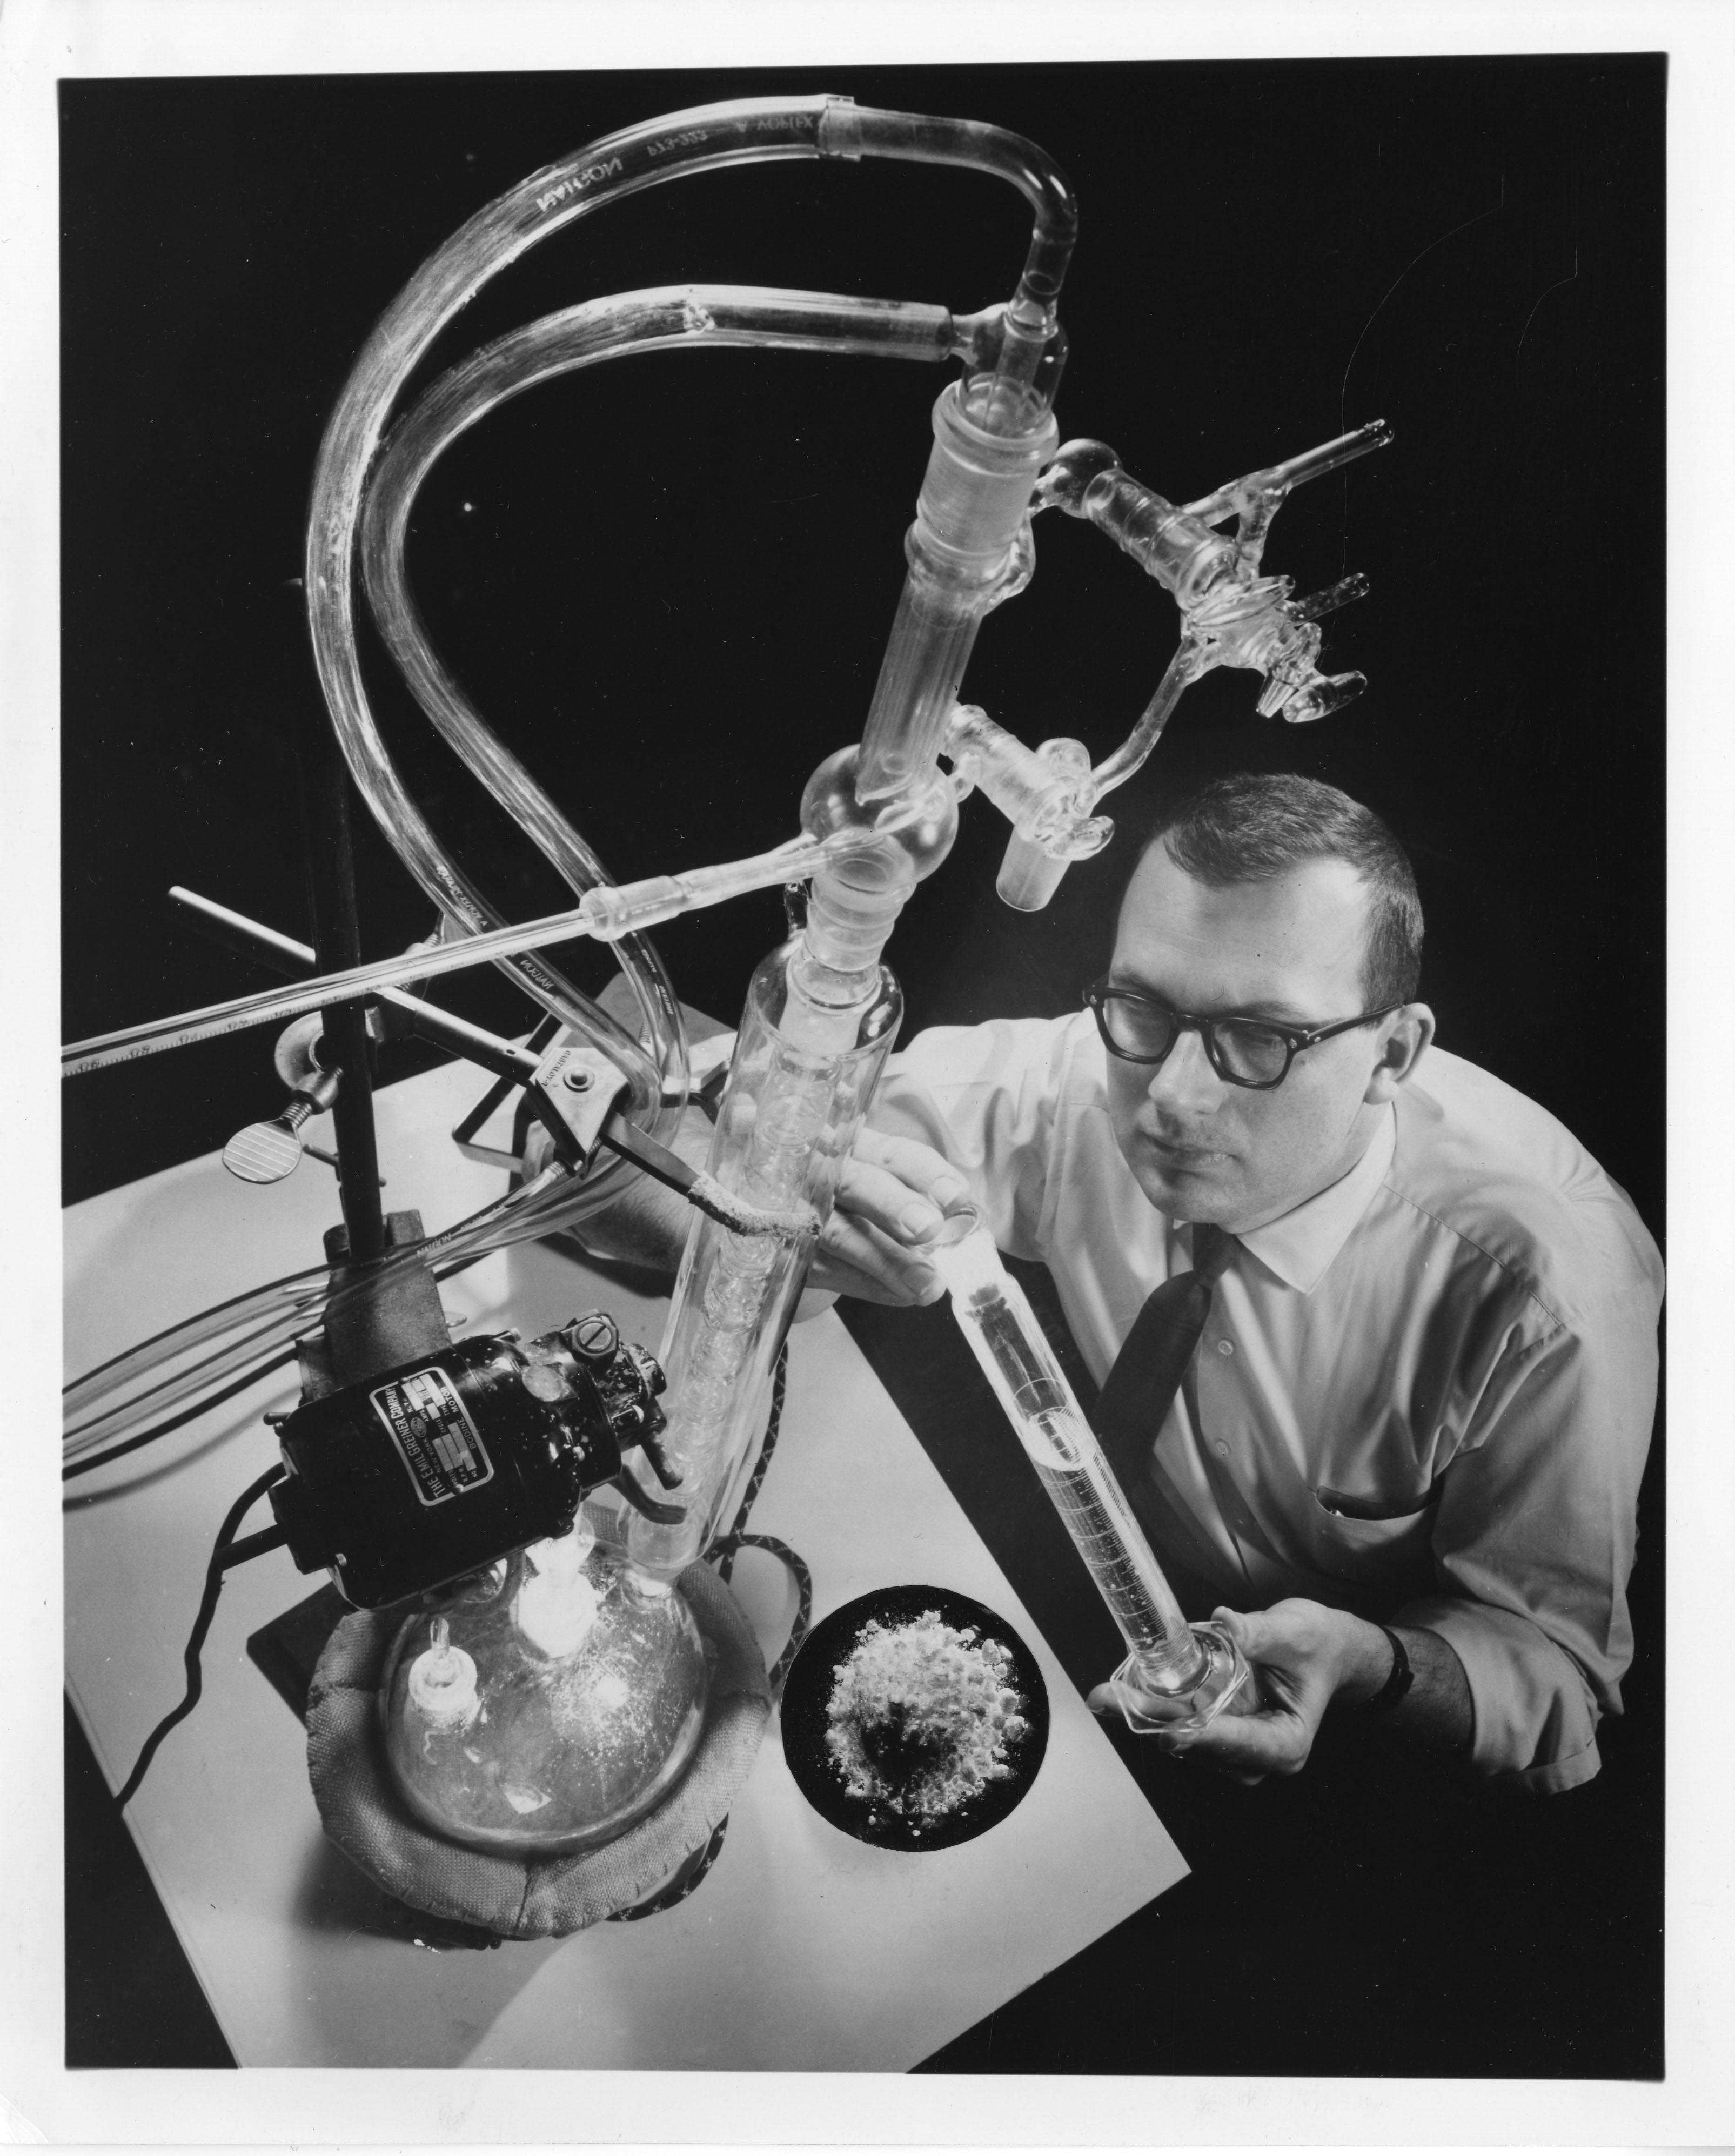 Herman L. Finkbeiner (1931-2013).